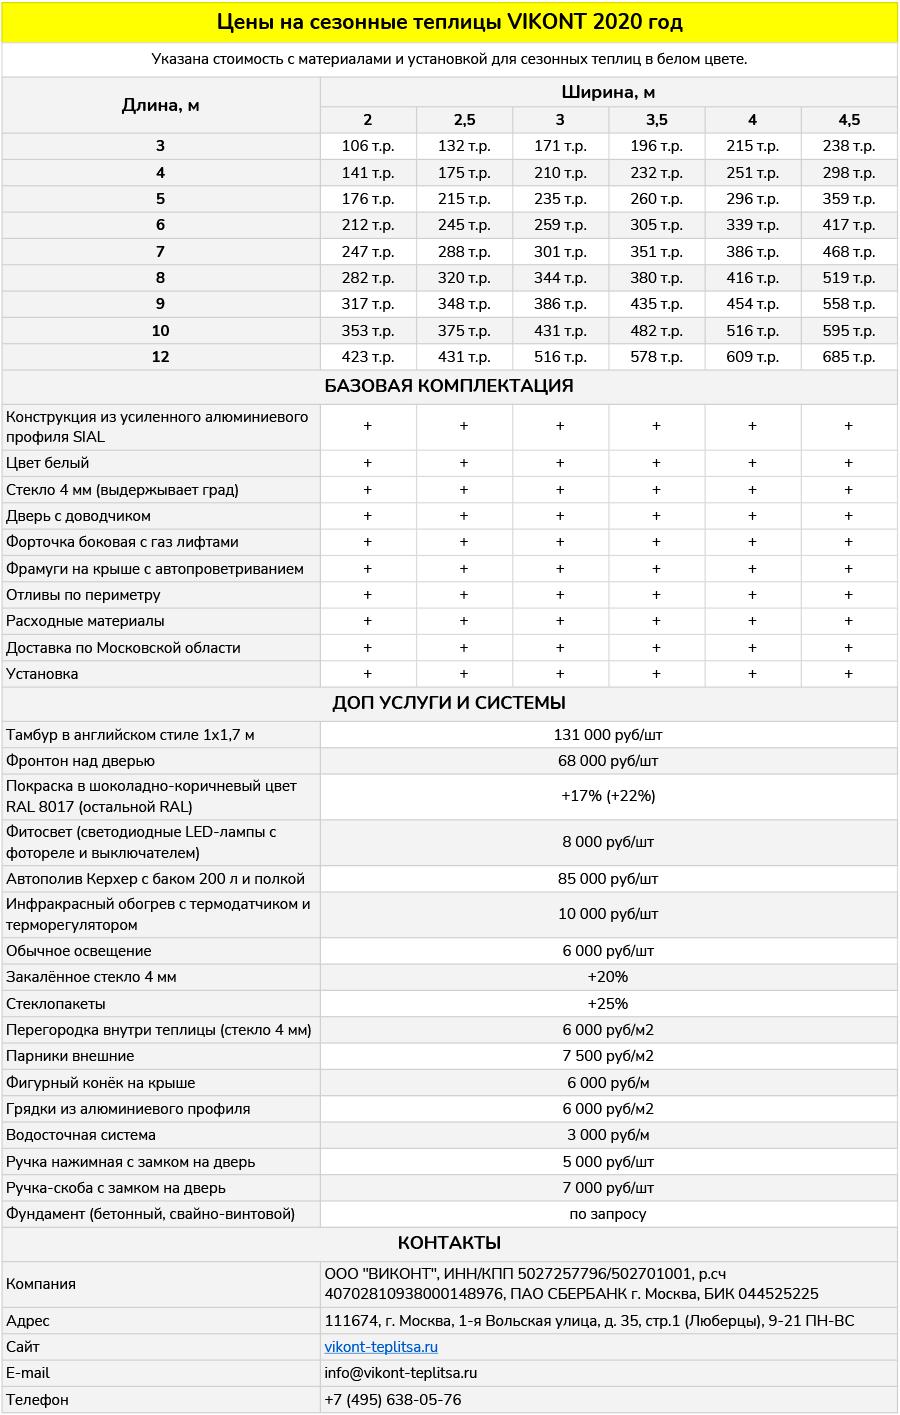 Цены на сезонные теплицы VIKONT